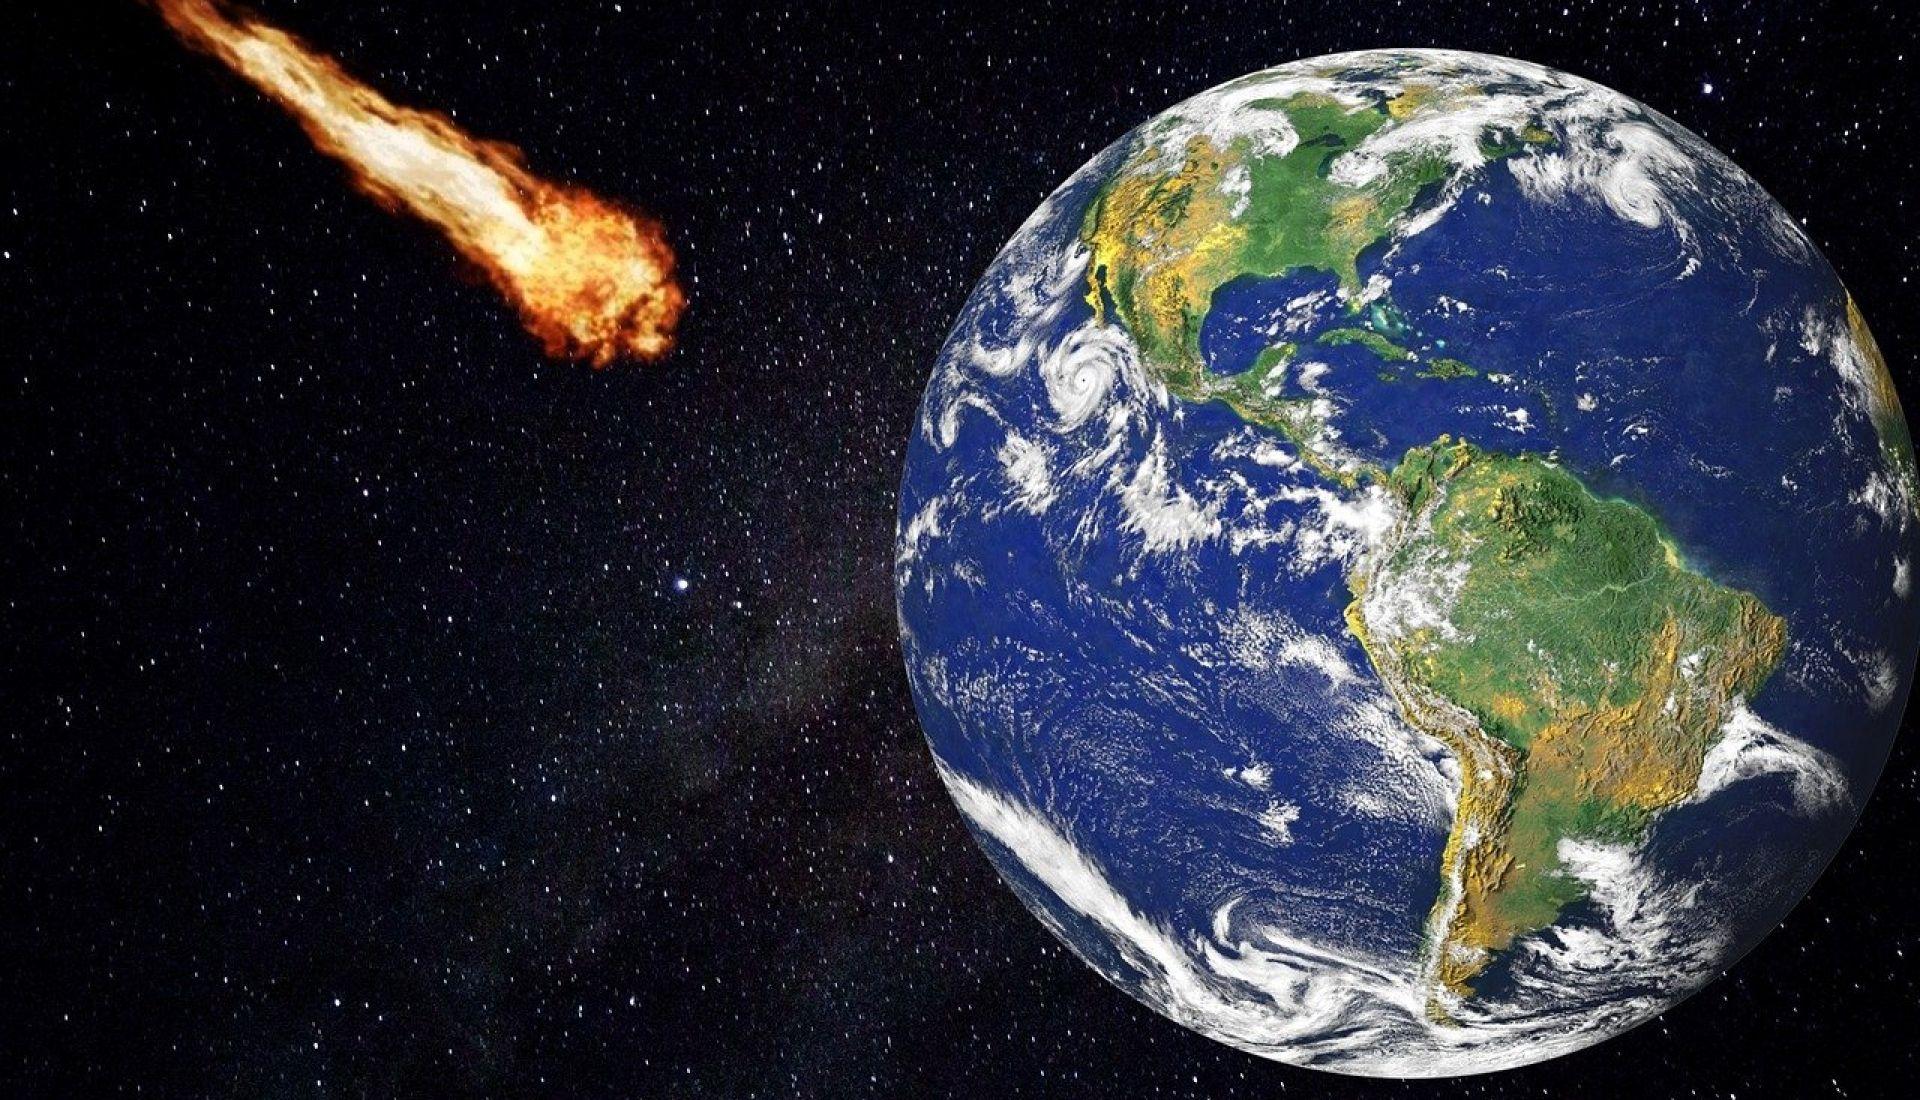 L'origine astronomique de la vie sur terre